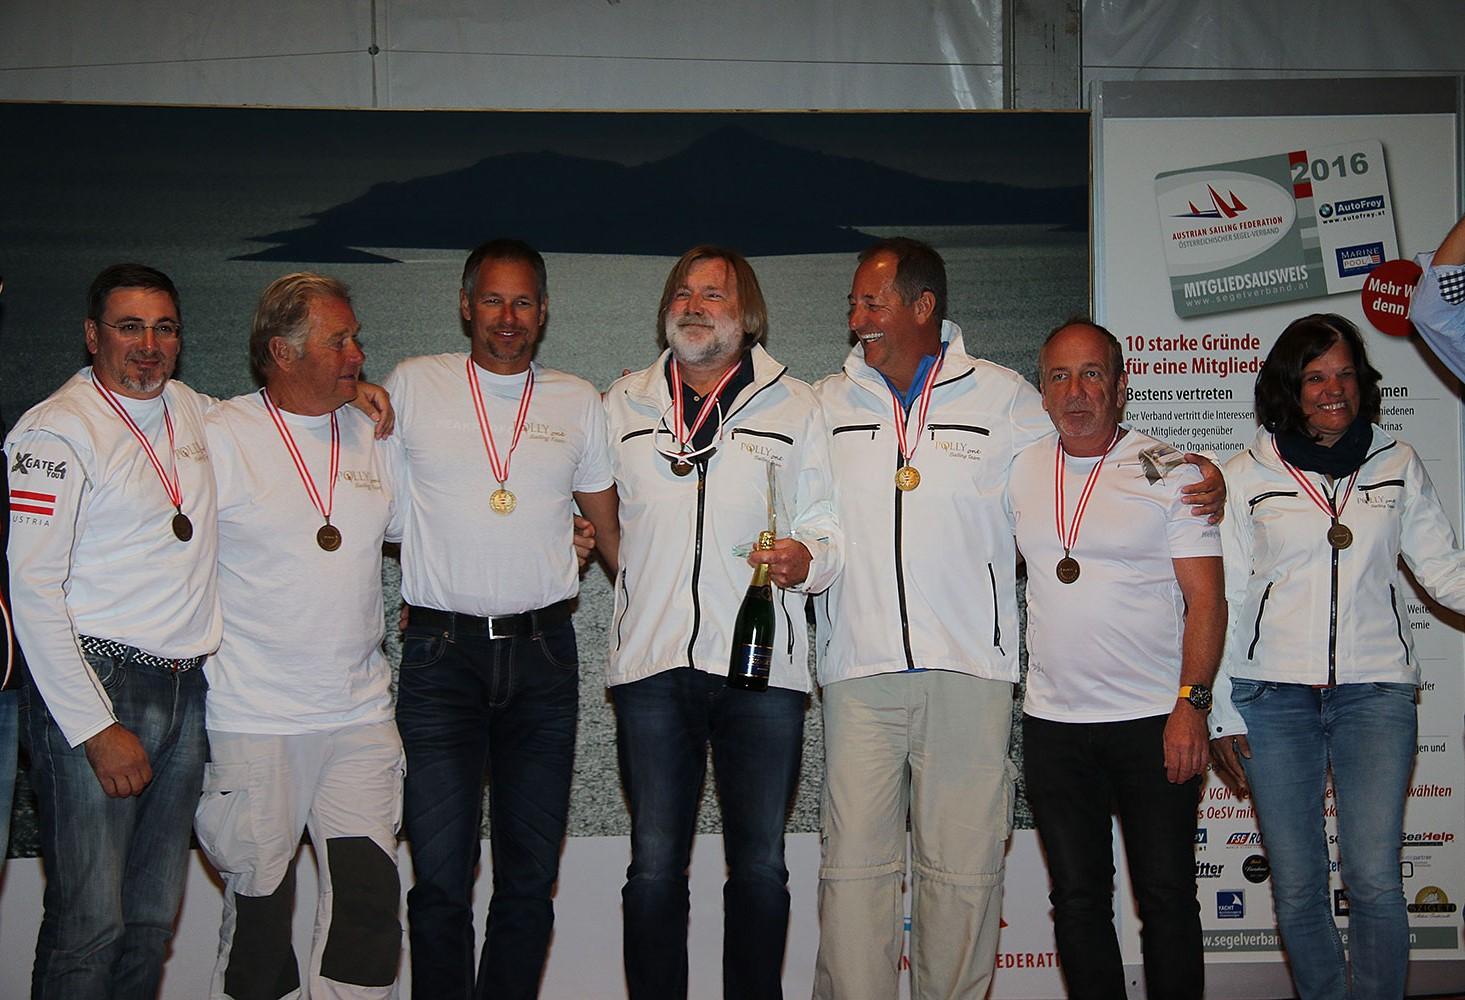 Österreichische Hochseemeisterschaft 2016 Crew